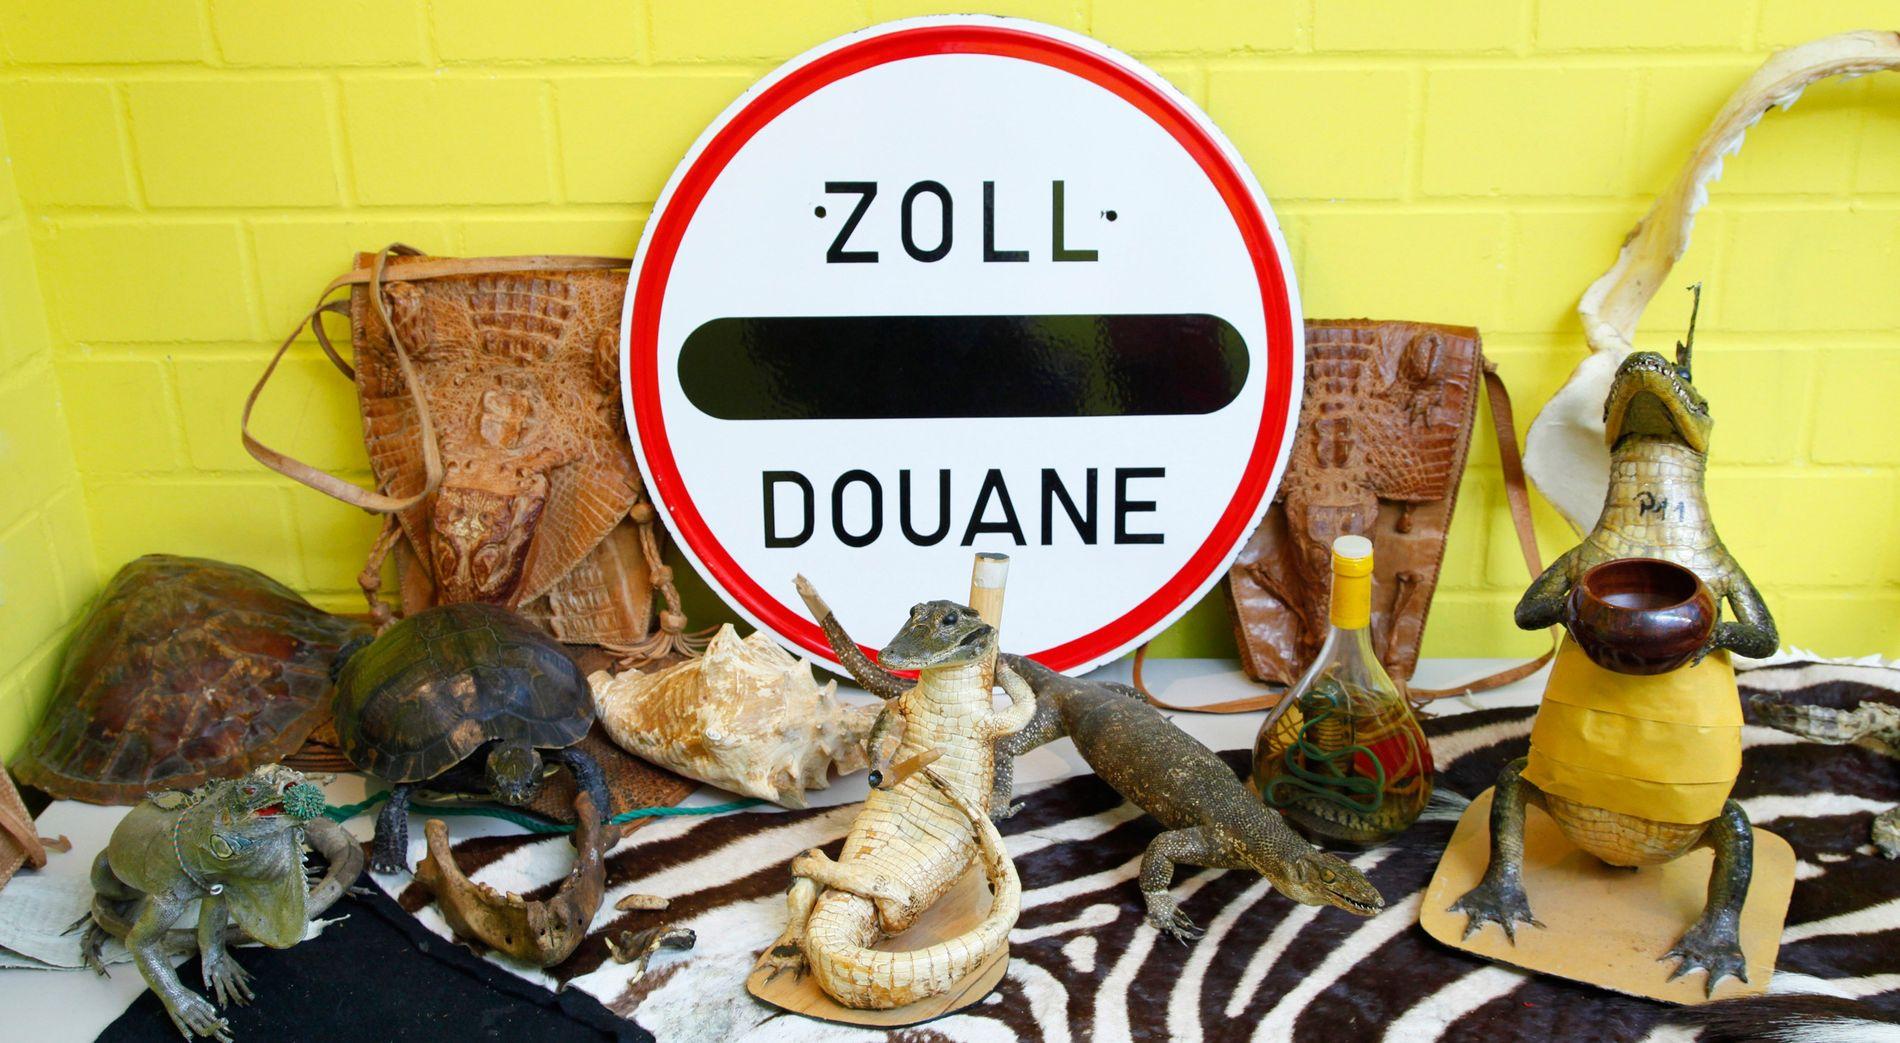 Felle, Knochen und ausgestopfte Tiere: In einer Halle sammelt der Hauptzoll am Frankfurter Flughafen Artefakte, die ...